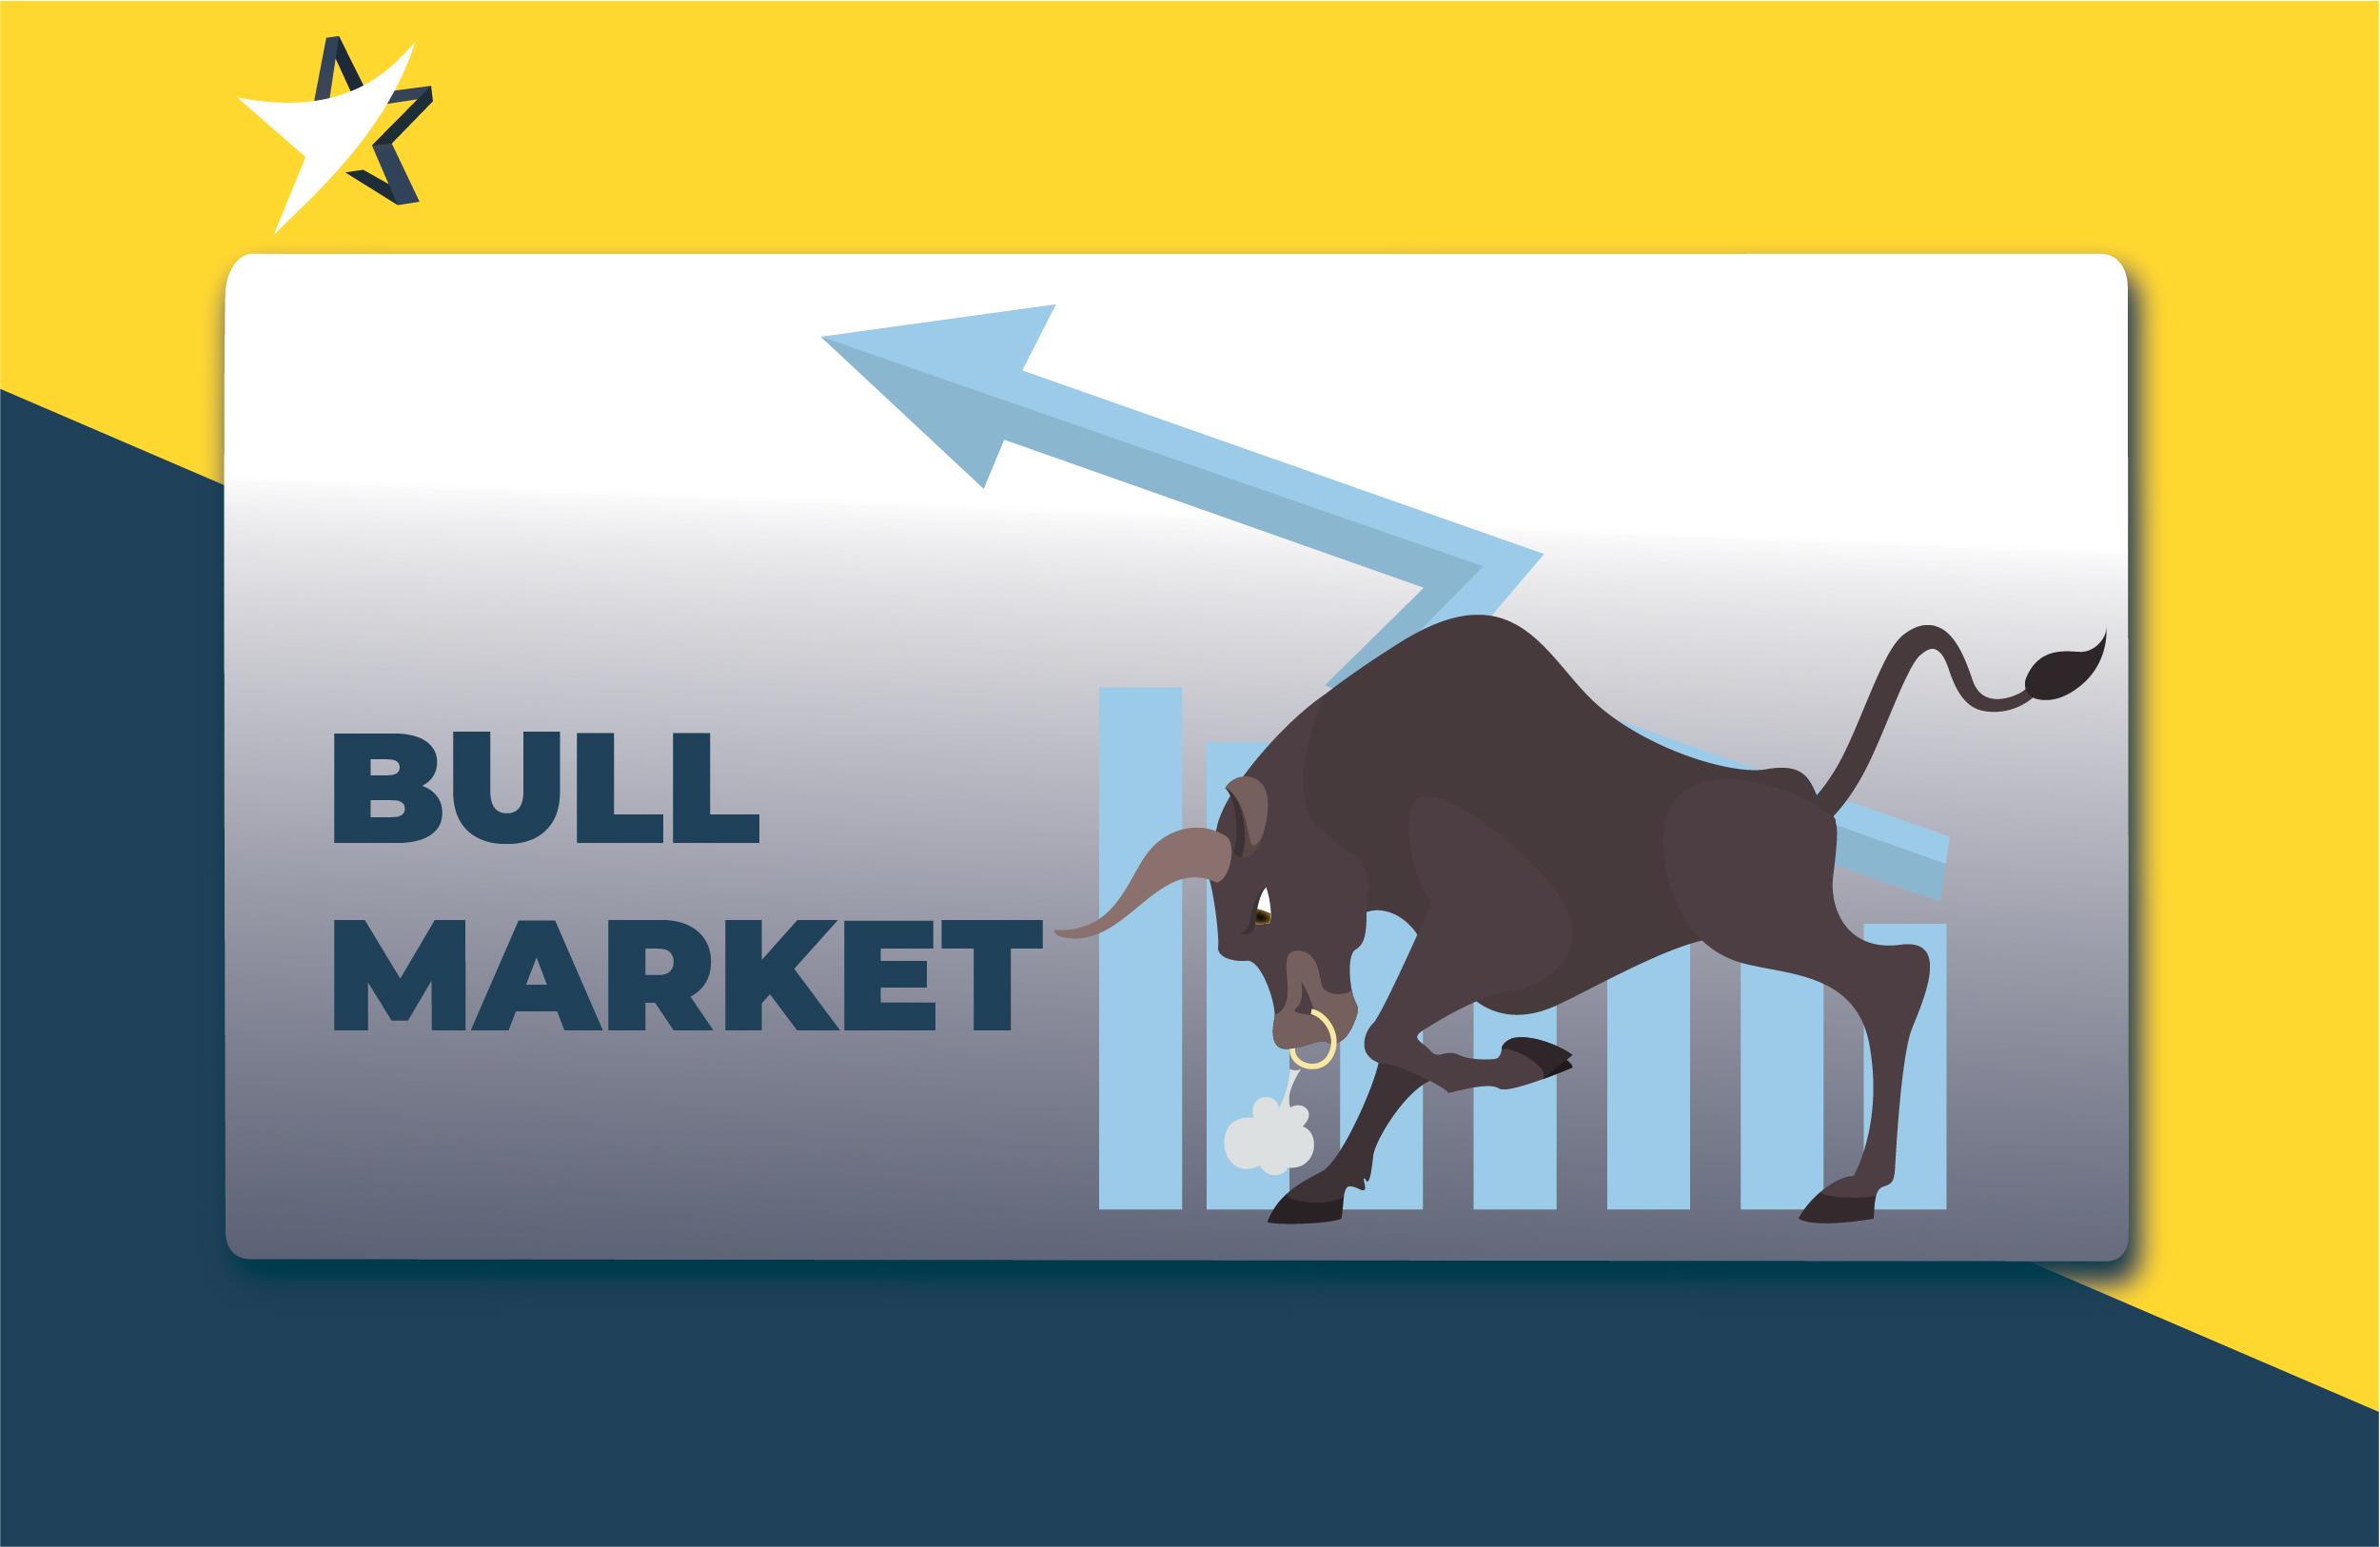 Thị trường giá lên (Bull Market) là gì? - BitcoinVN News